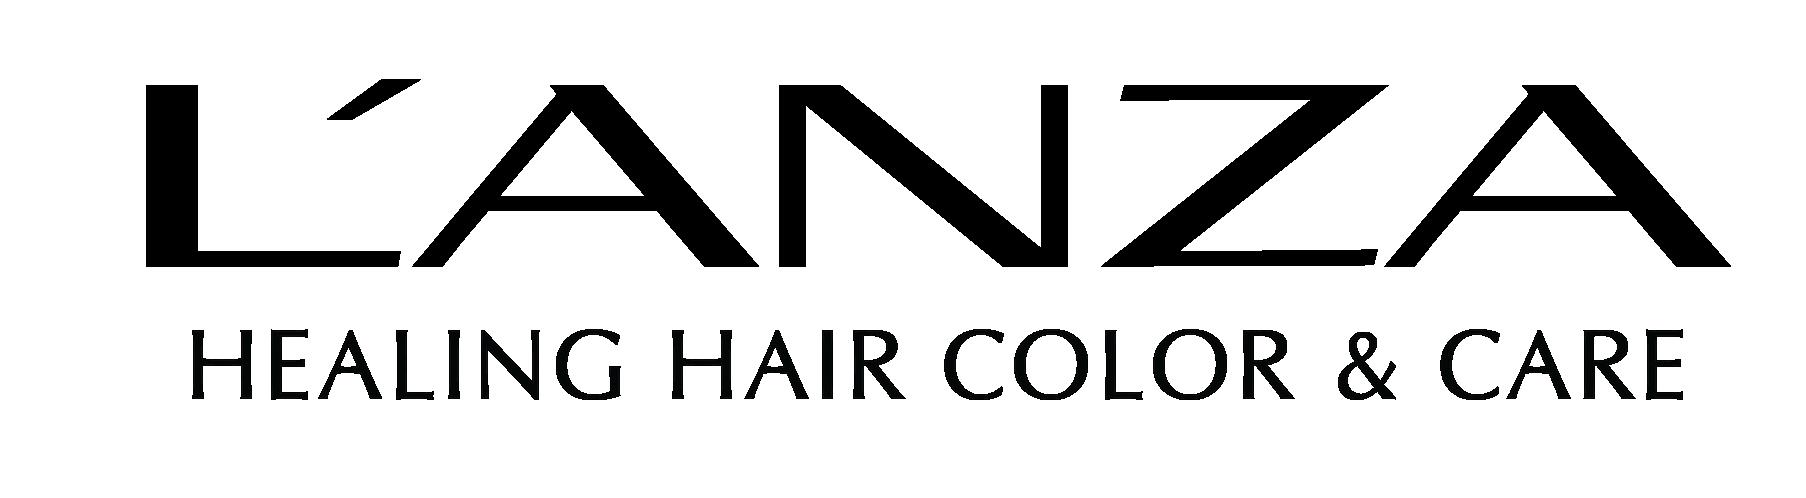 LNZ_logo_haircarecolor-black-01-2